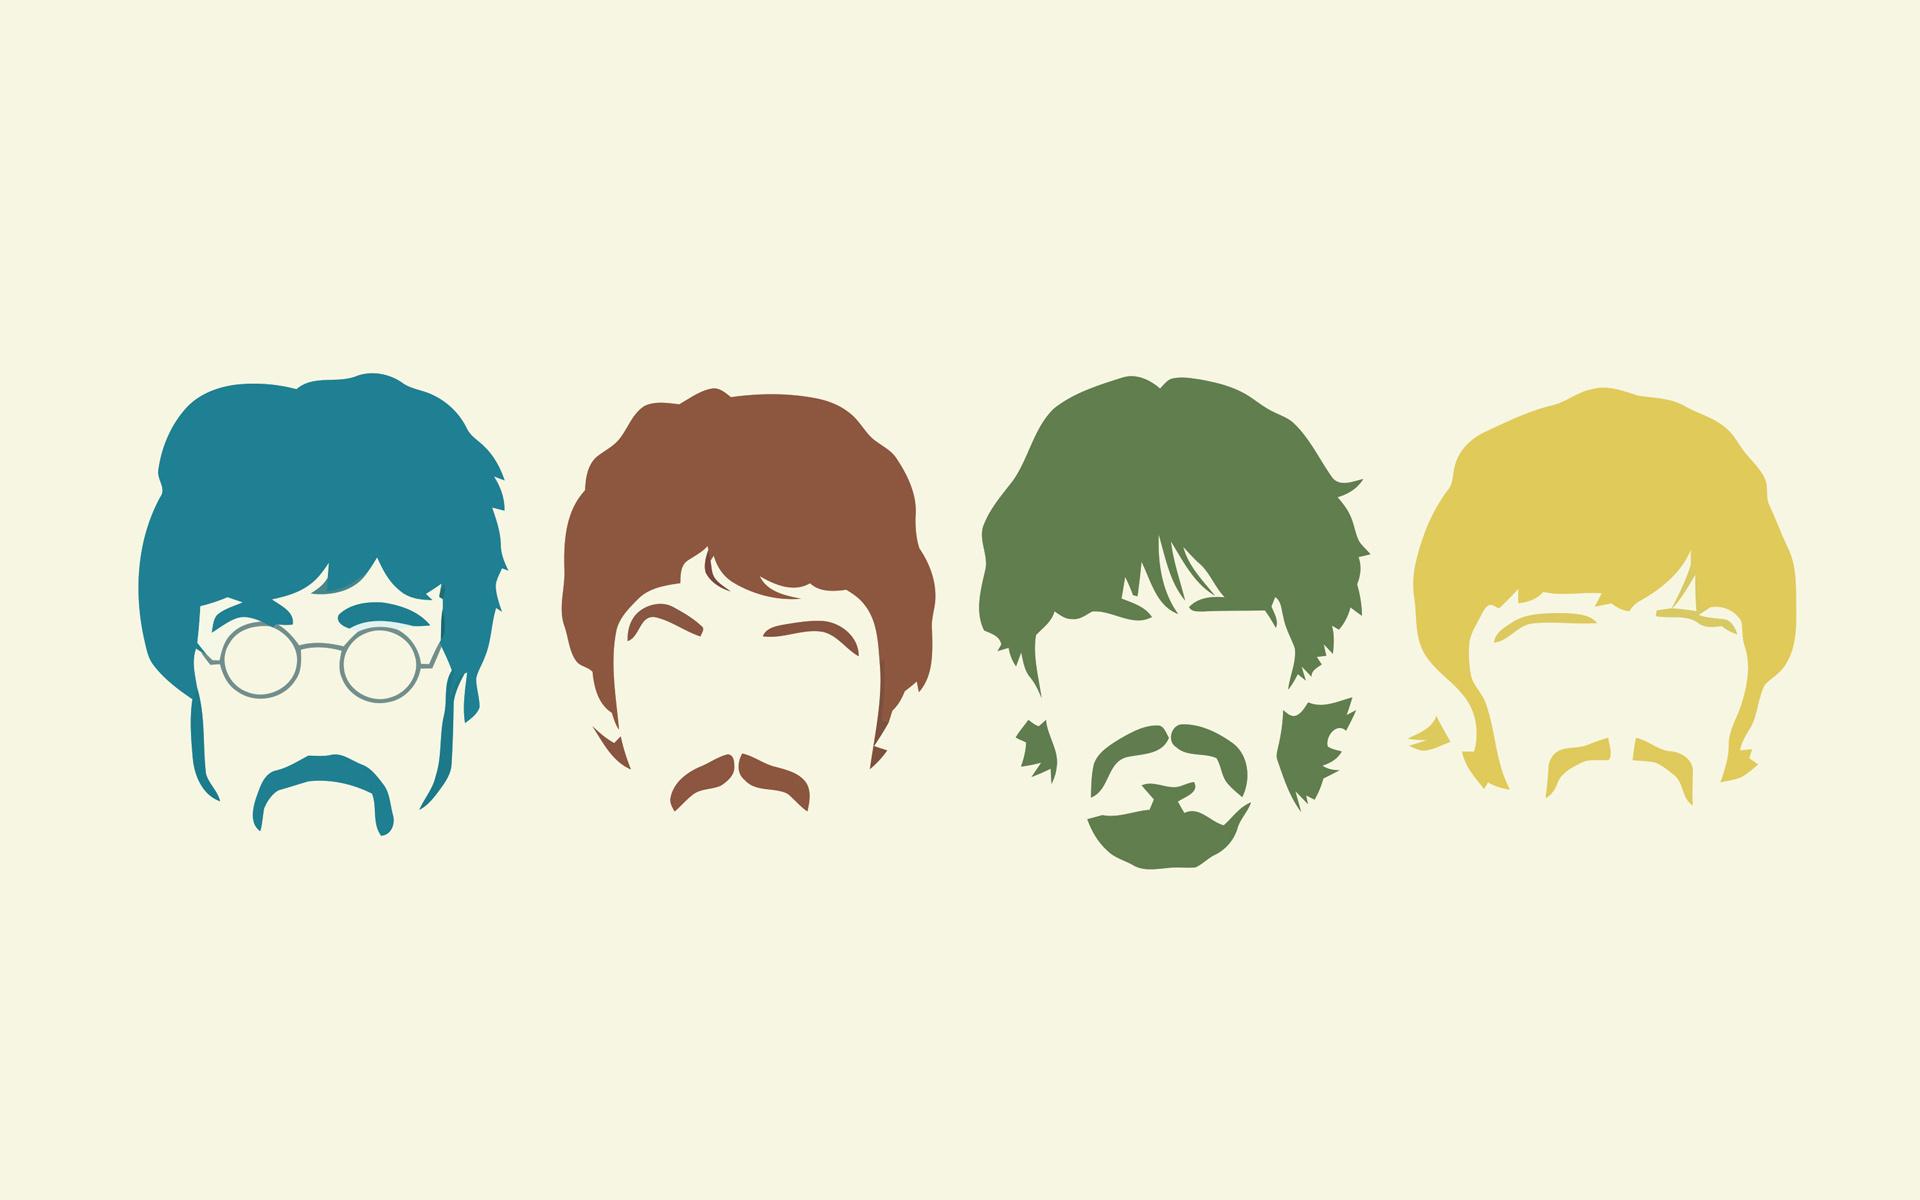 Best Wallpaper Logo The Beatles - The-Beatles-sweet-and-vintage-34020656-1920-1200  HD_331129.jpg